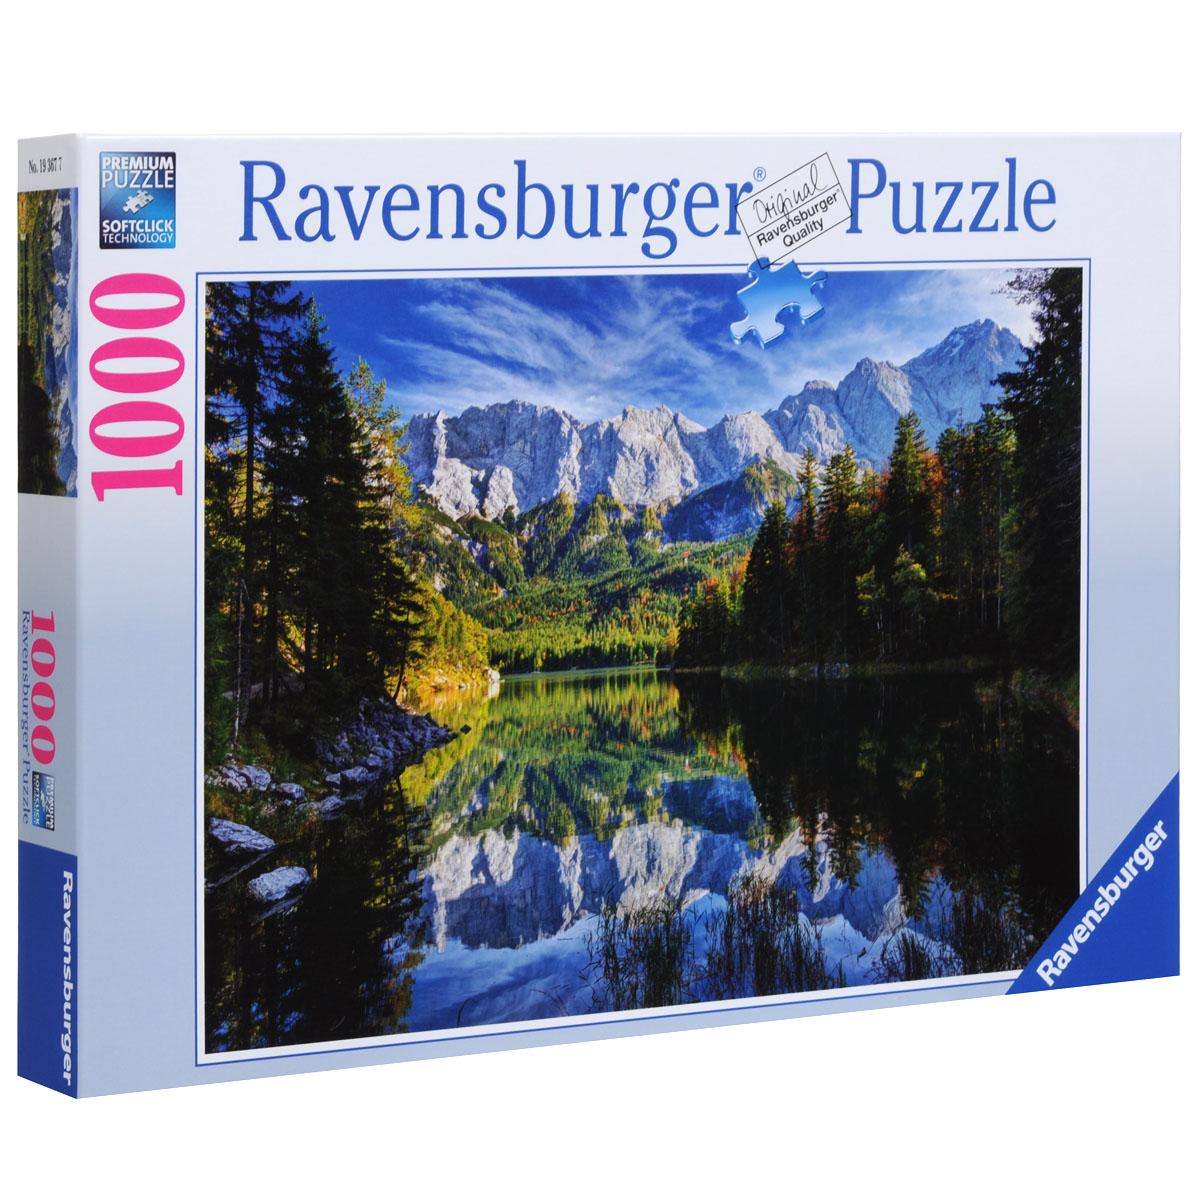 Ravensburger Озеро Эйб. Пазл, 1000 элементов19367Пазл Ravensburger Озеро Эйб, без сомнения, придется по душе вам и вашему ребенку. Собрав этот пазл, включающий в себя 1000 элементов, вы получите потрясающую картину с изображением необычайно красивого Озера Эйб. Поверхность озера настолько зеркальная, что в нем можно увидеть горы, которые находятся за километры от него. На картинке также изображены окружающие озеро леса. Каждая деталь имеет свою форму и подходит только на своё место. Нет двух одинаковых деталей! Пазл изготовлен из картона высочайшего качества. Все изображения аккуратно отсканированы и напечатаны на ламинированной бумаге. Пазлы - замечательная развивающая игра для детей. Собирание пазла развивает у ребенка мелкую моторику рук, тренирует наблюдательность, логическое мышление, знакомит с окружающим миром, с цветом и разнообразными формами, учит усидчивости и терпению, аккуратности и вниманию.